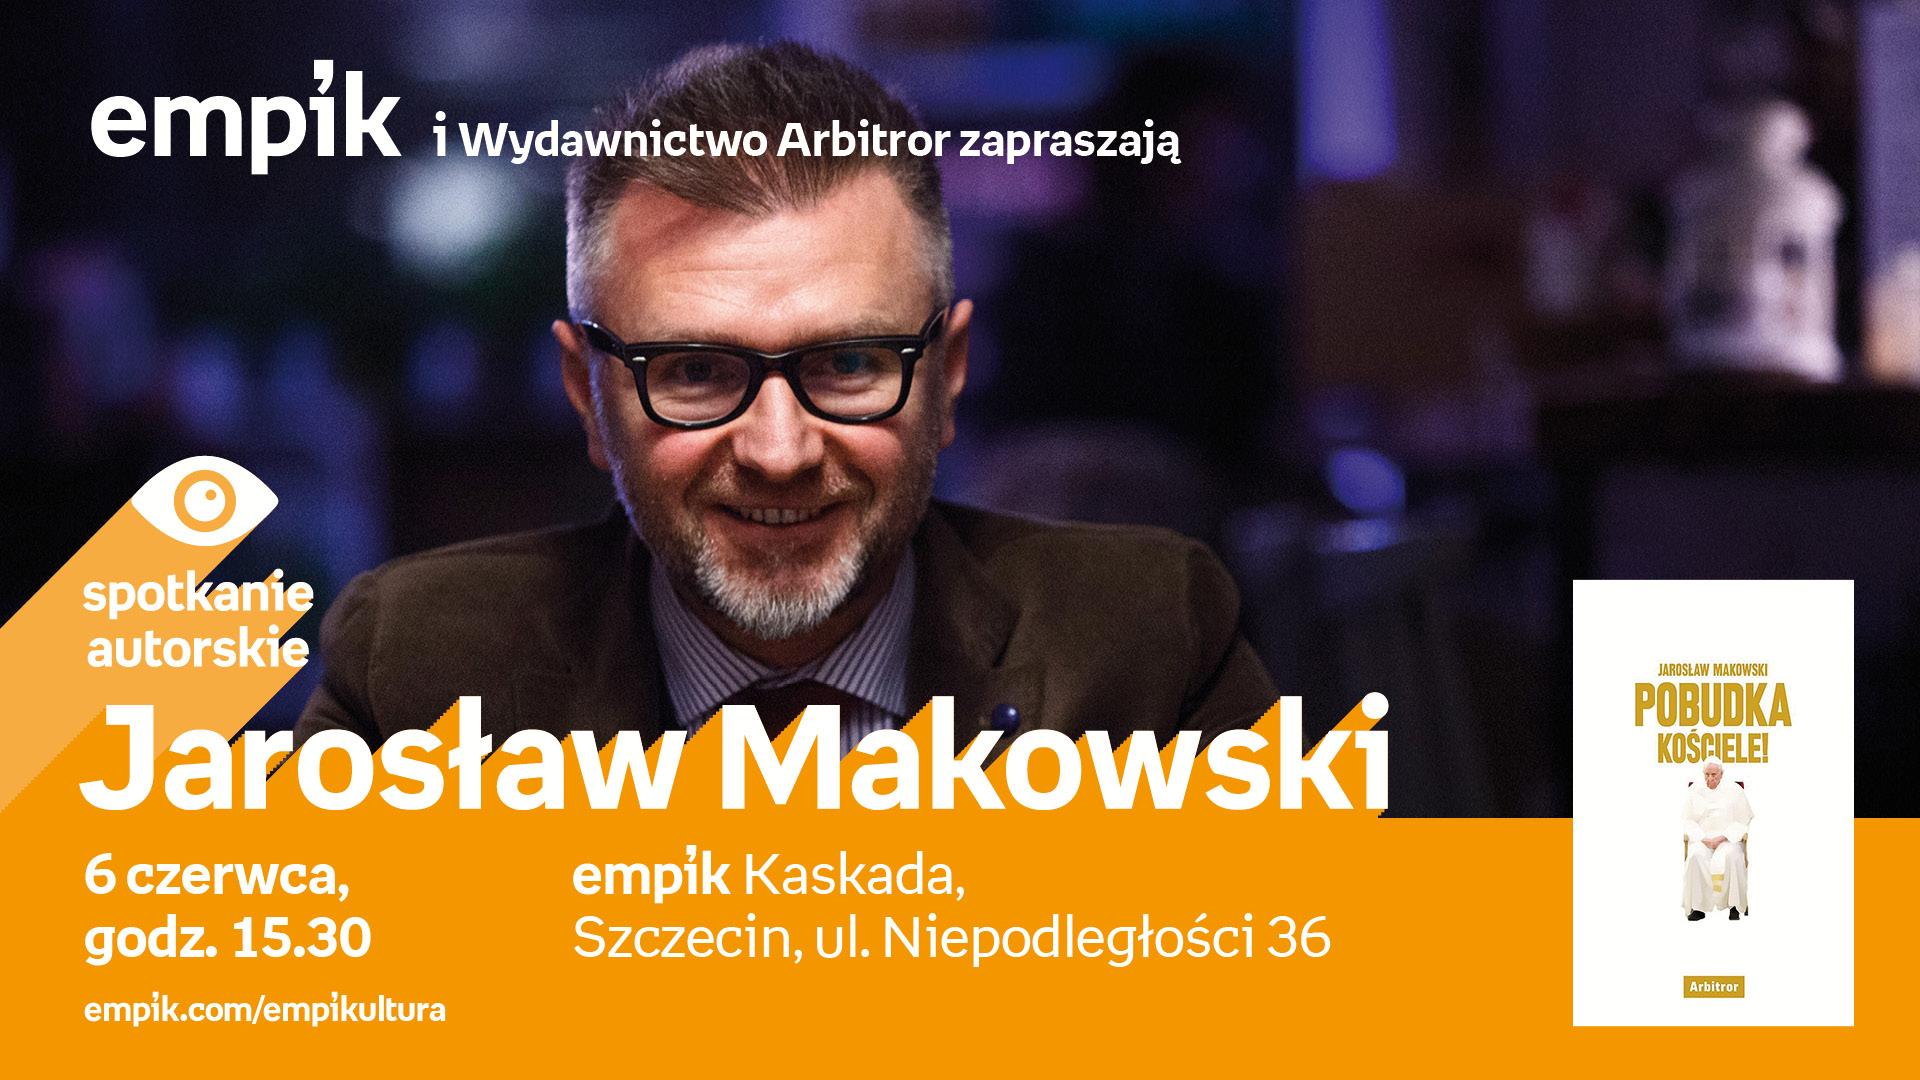 Spotkanie autorskie z Jarosławem Makowskim